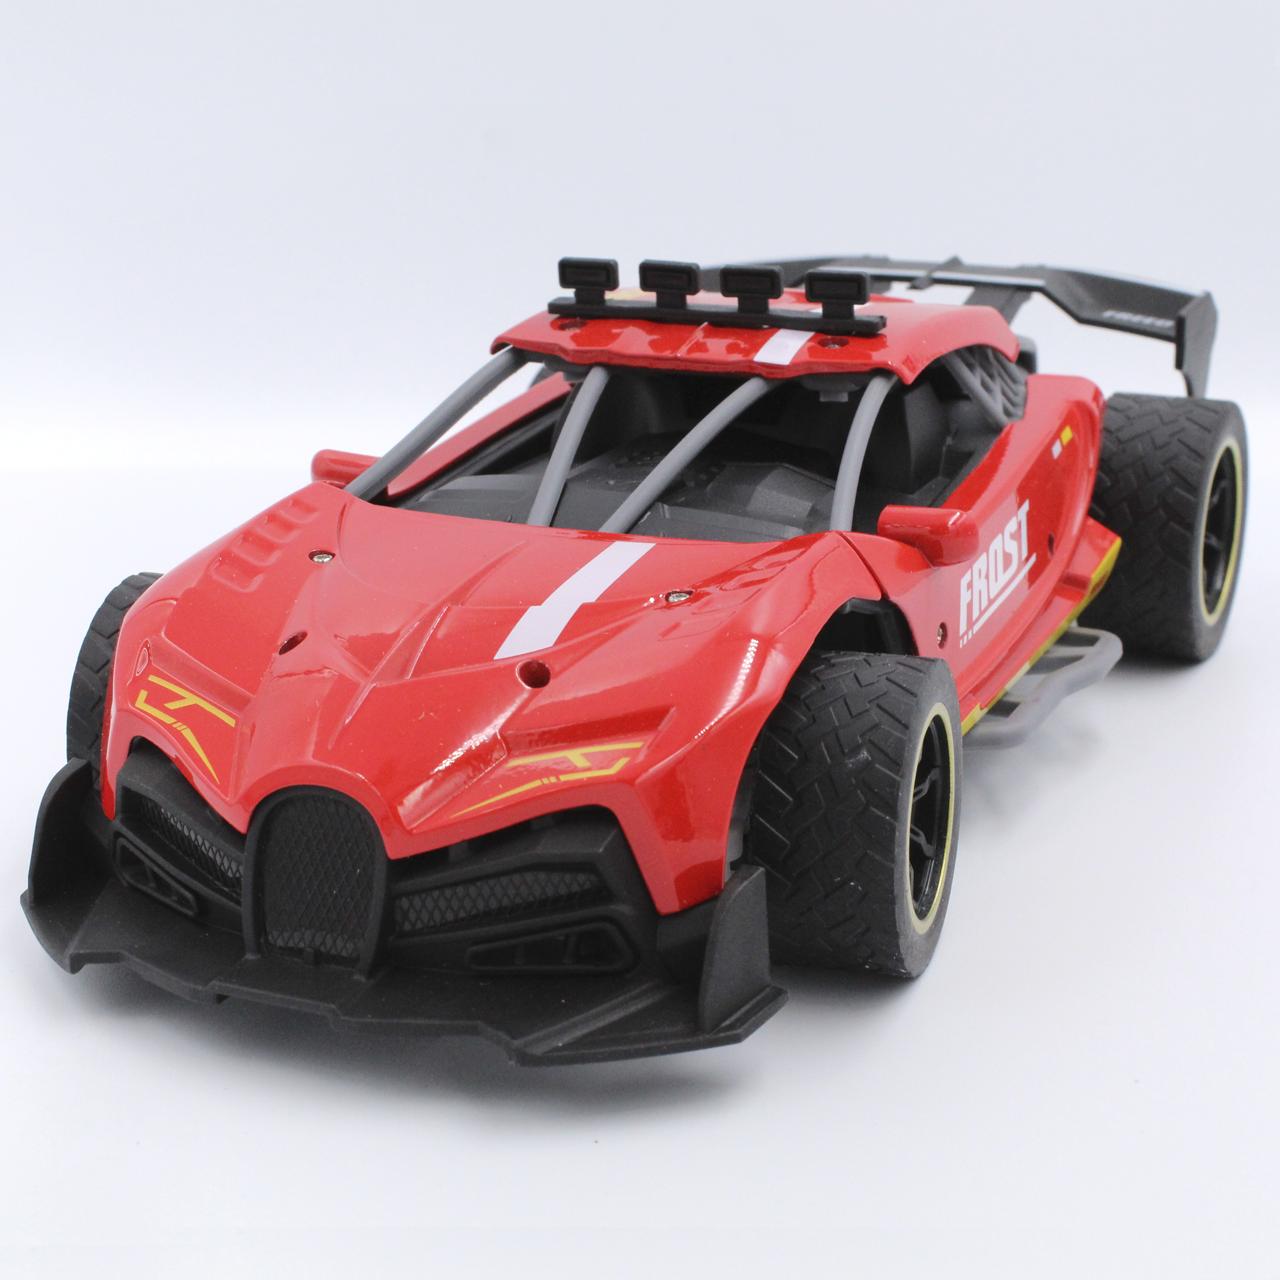 Машина на радиоуправлении Frost метало-пластик Красная